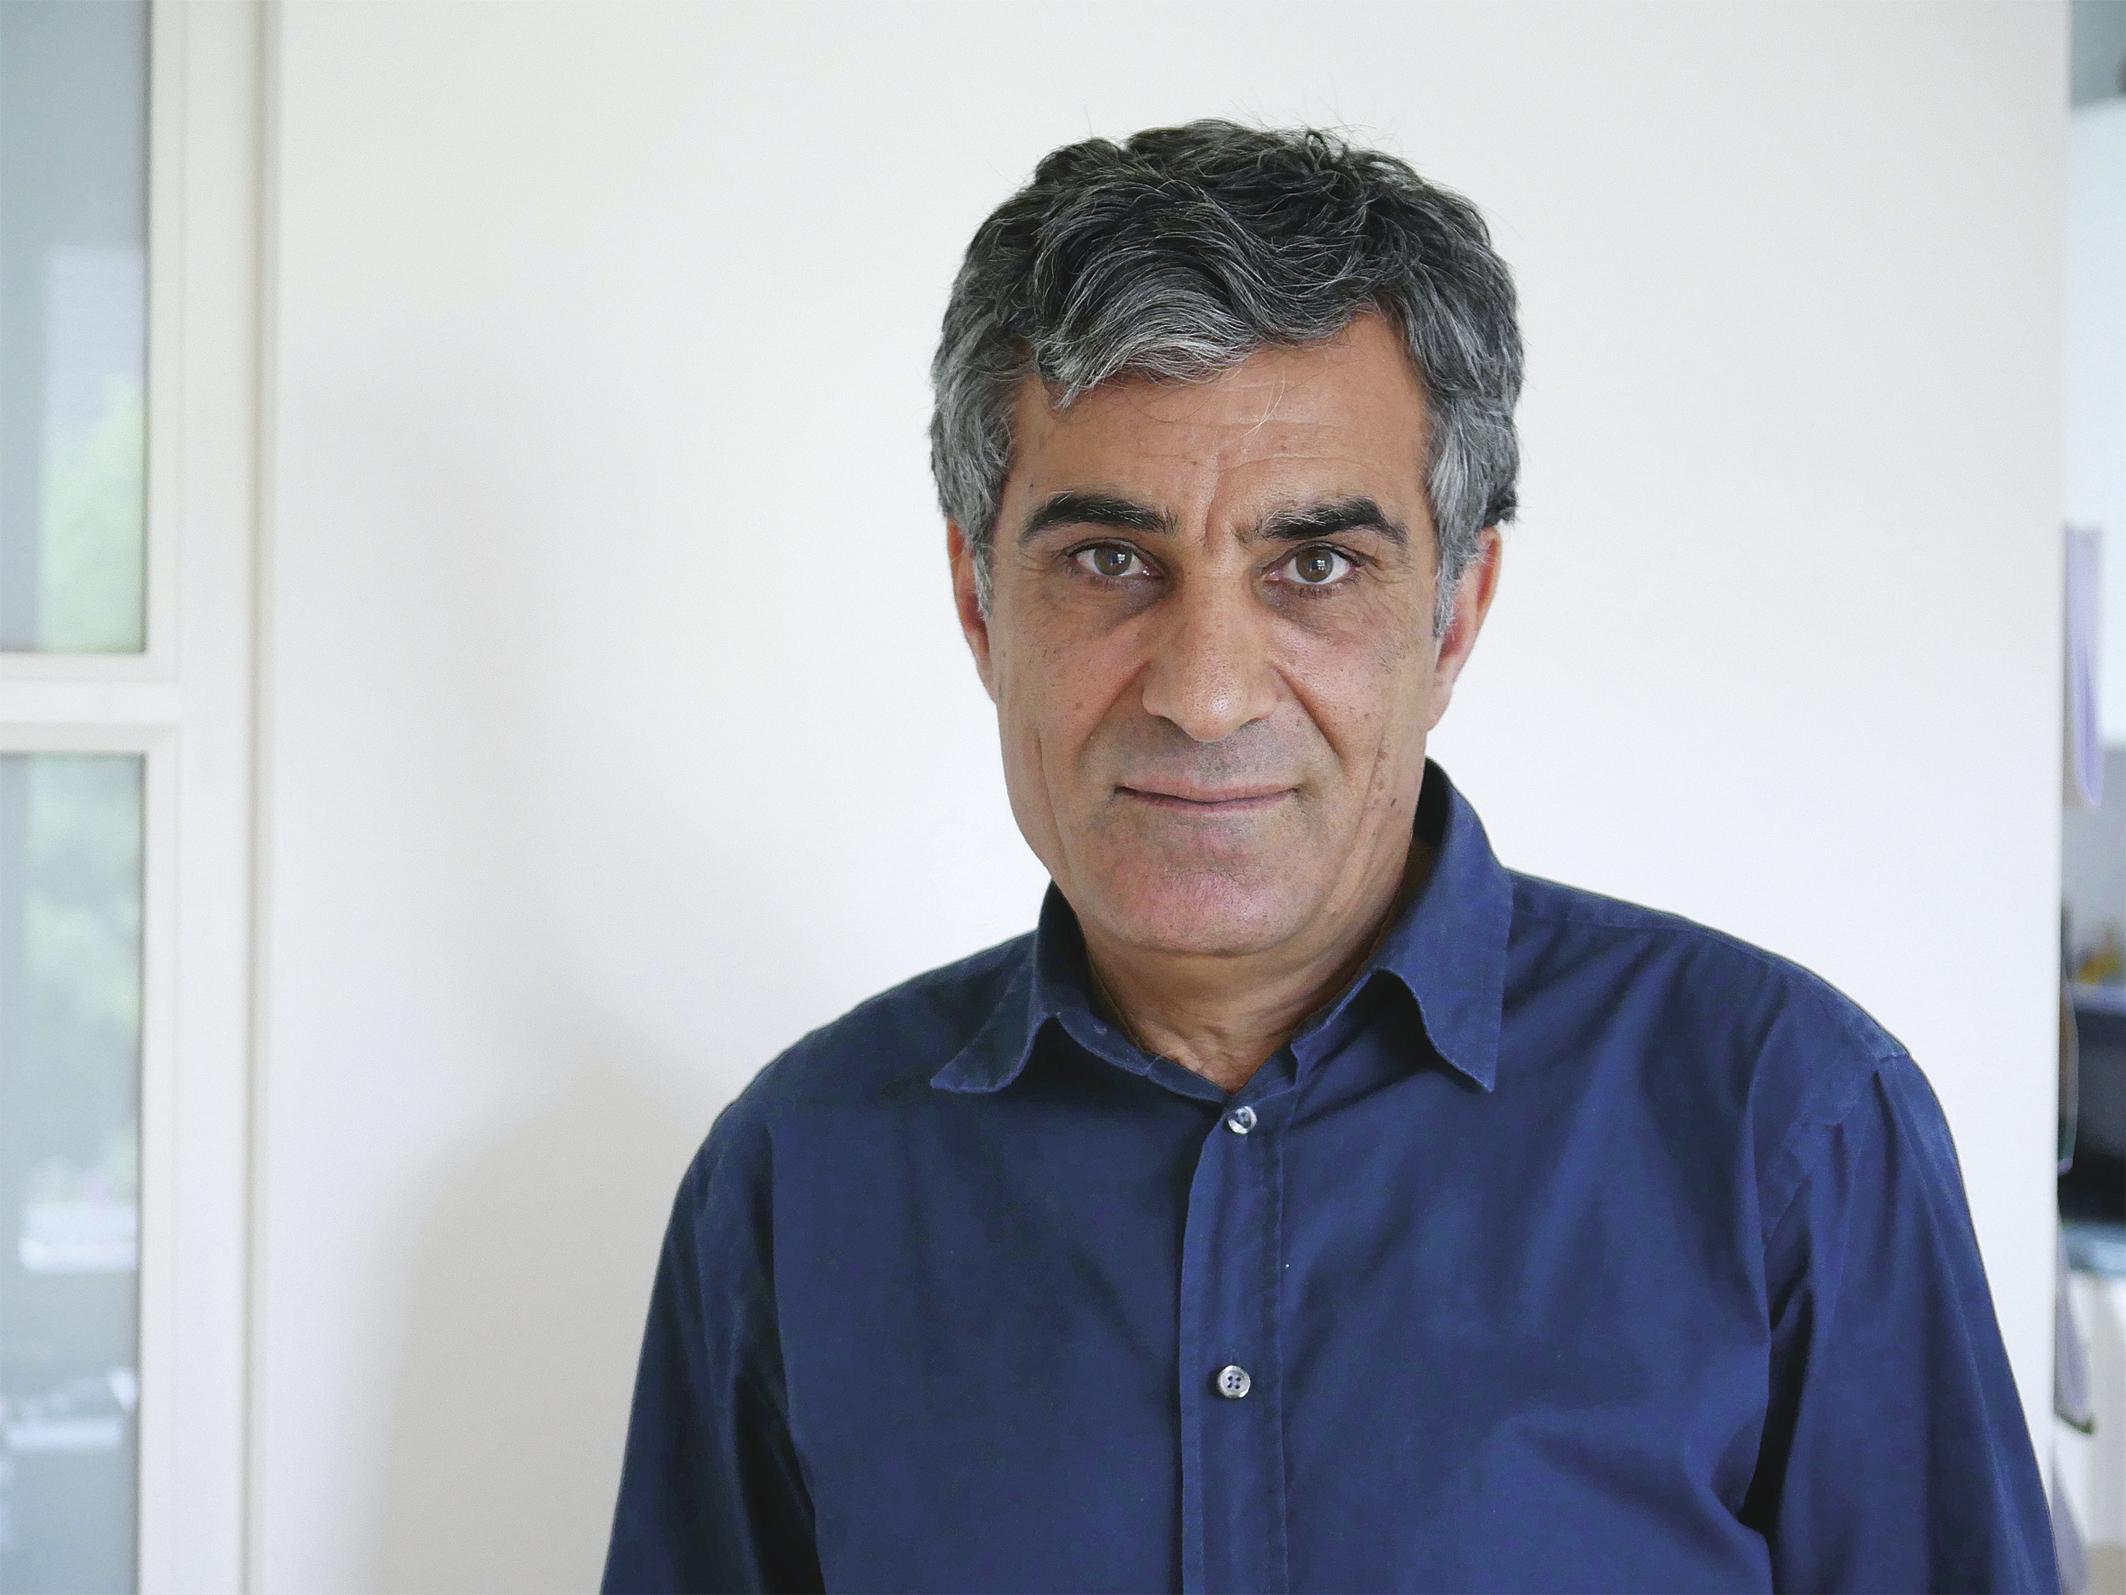 Yusuf Yesilöz